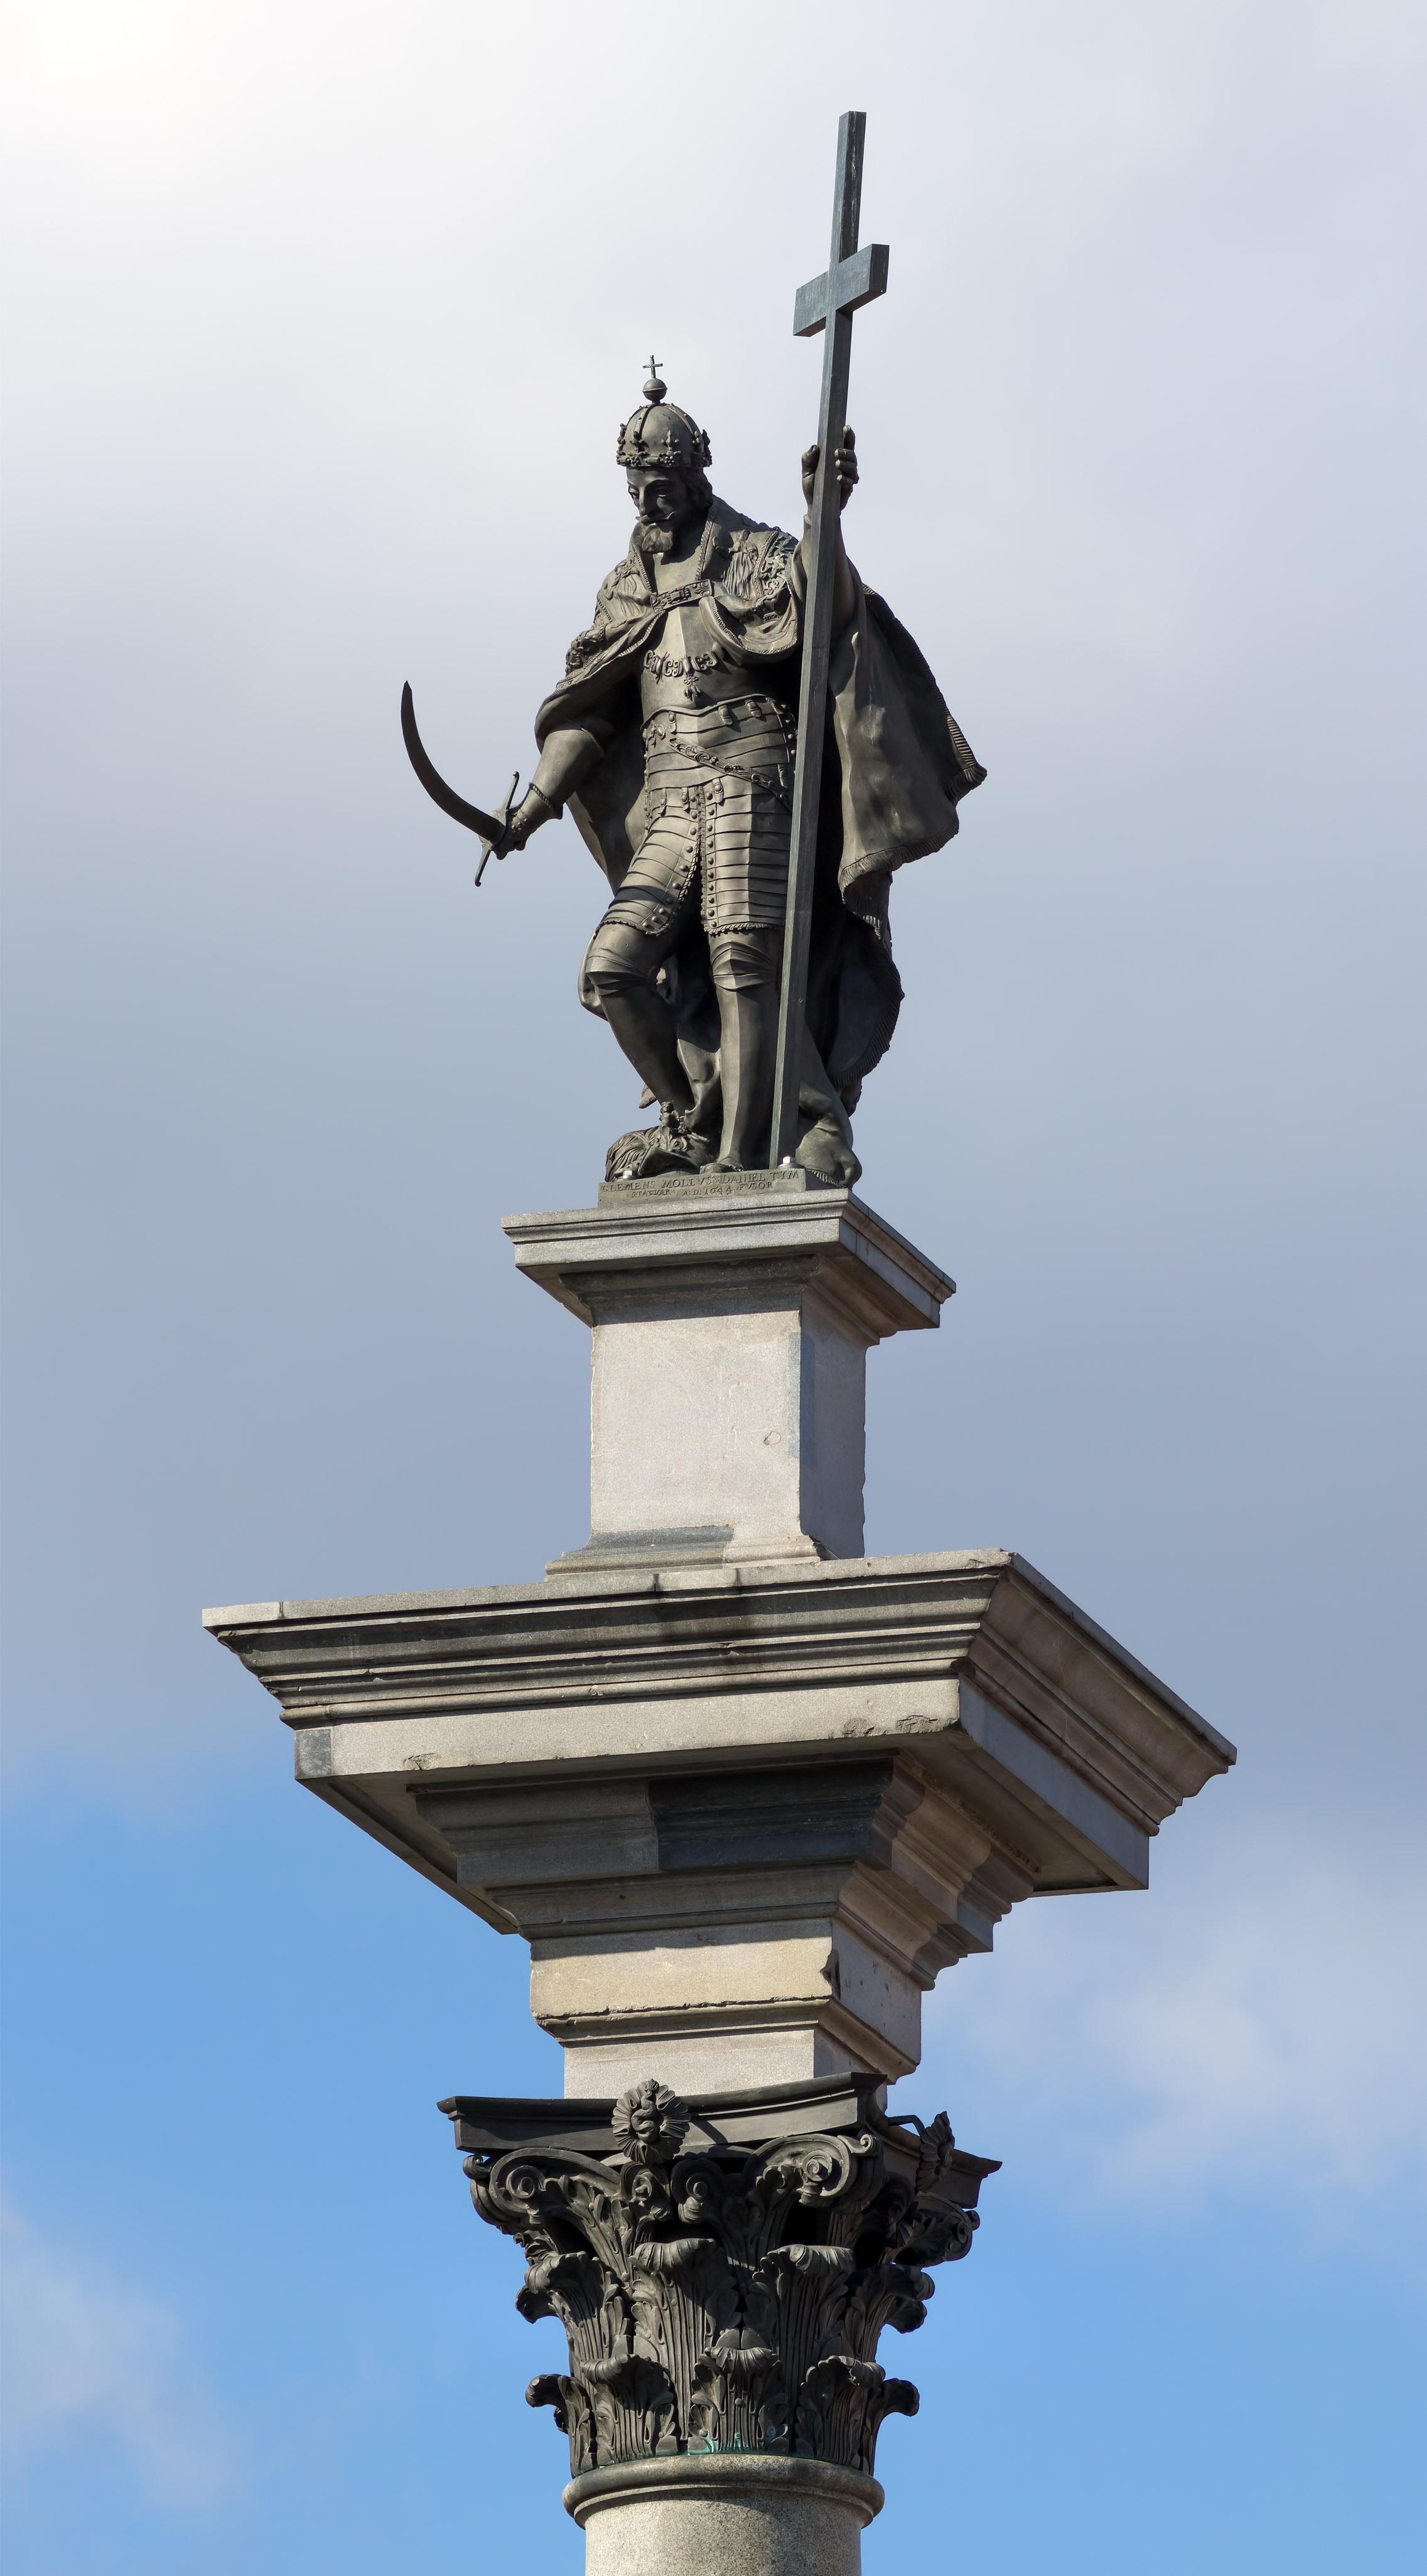 Plik:Kolumna Zygmunta III Wazy w Warszawie p7 2.jpg – Wikimedia Polska